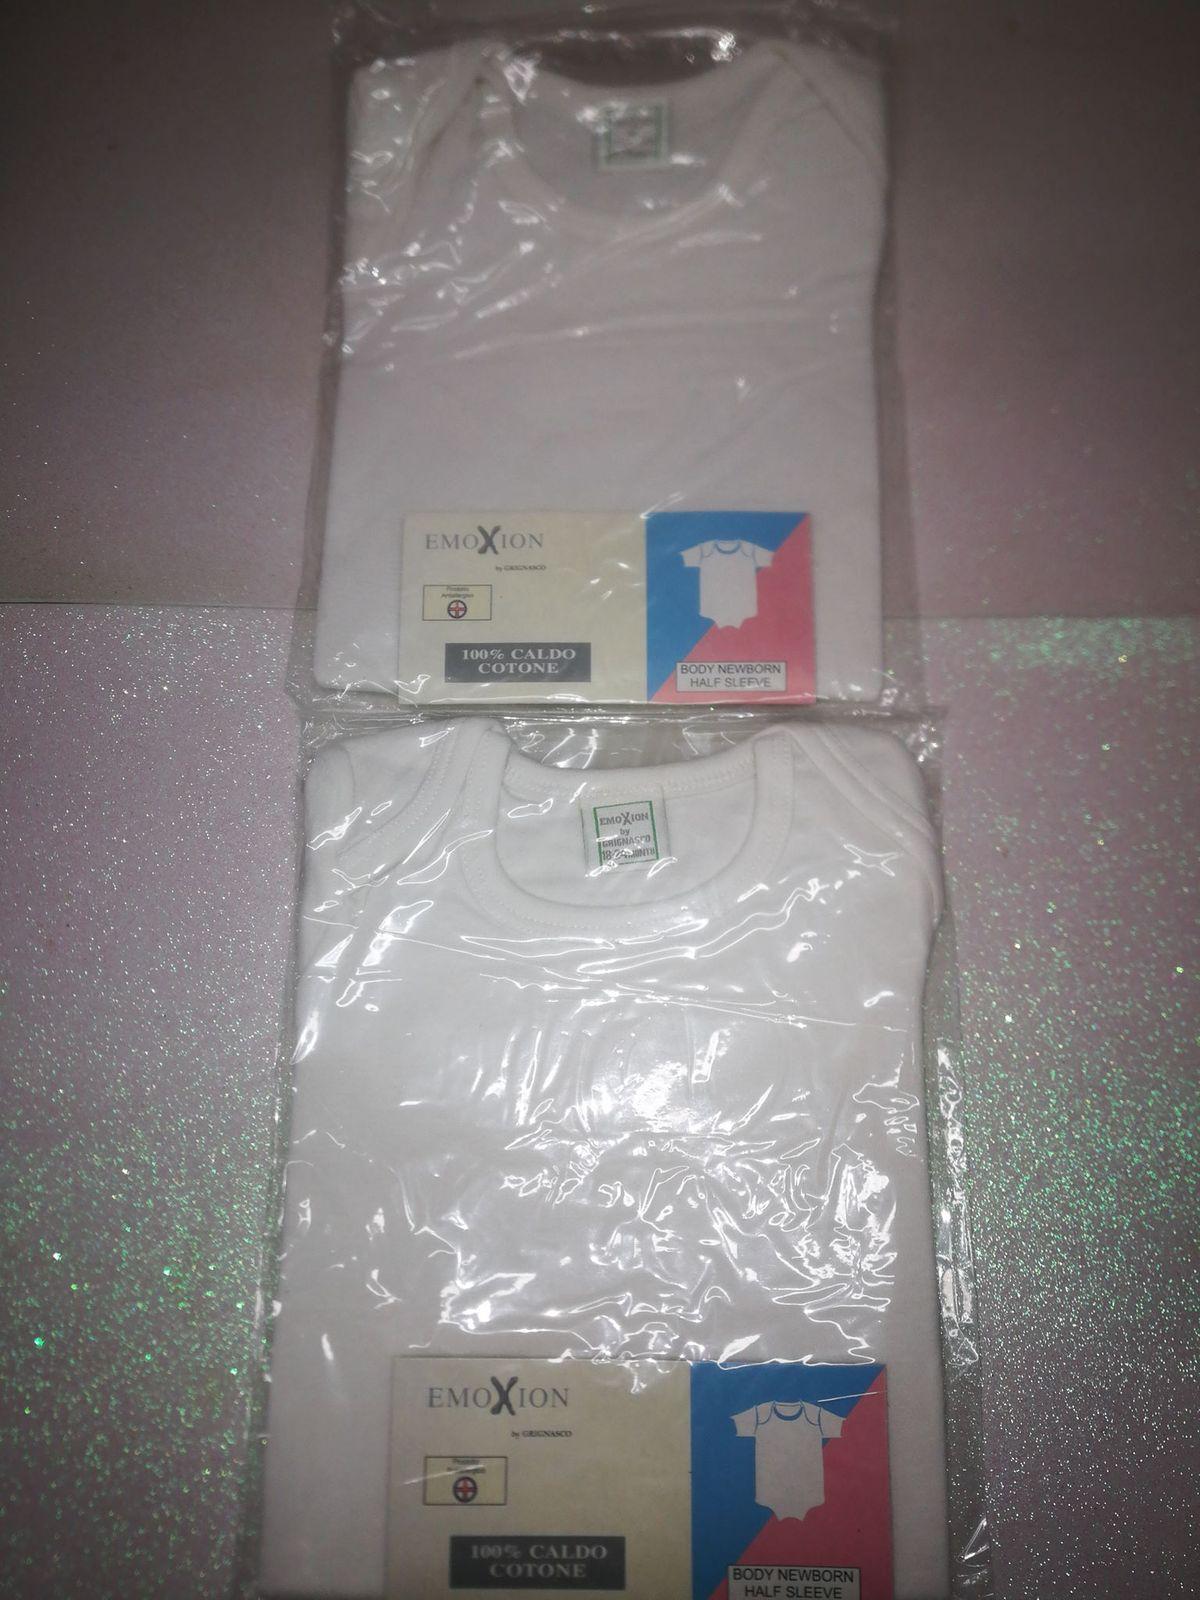 Body nuovo 18/24 mesi Caldo cotone Prodotto antiallergico € 4,00 a body 101